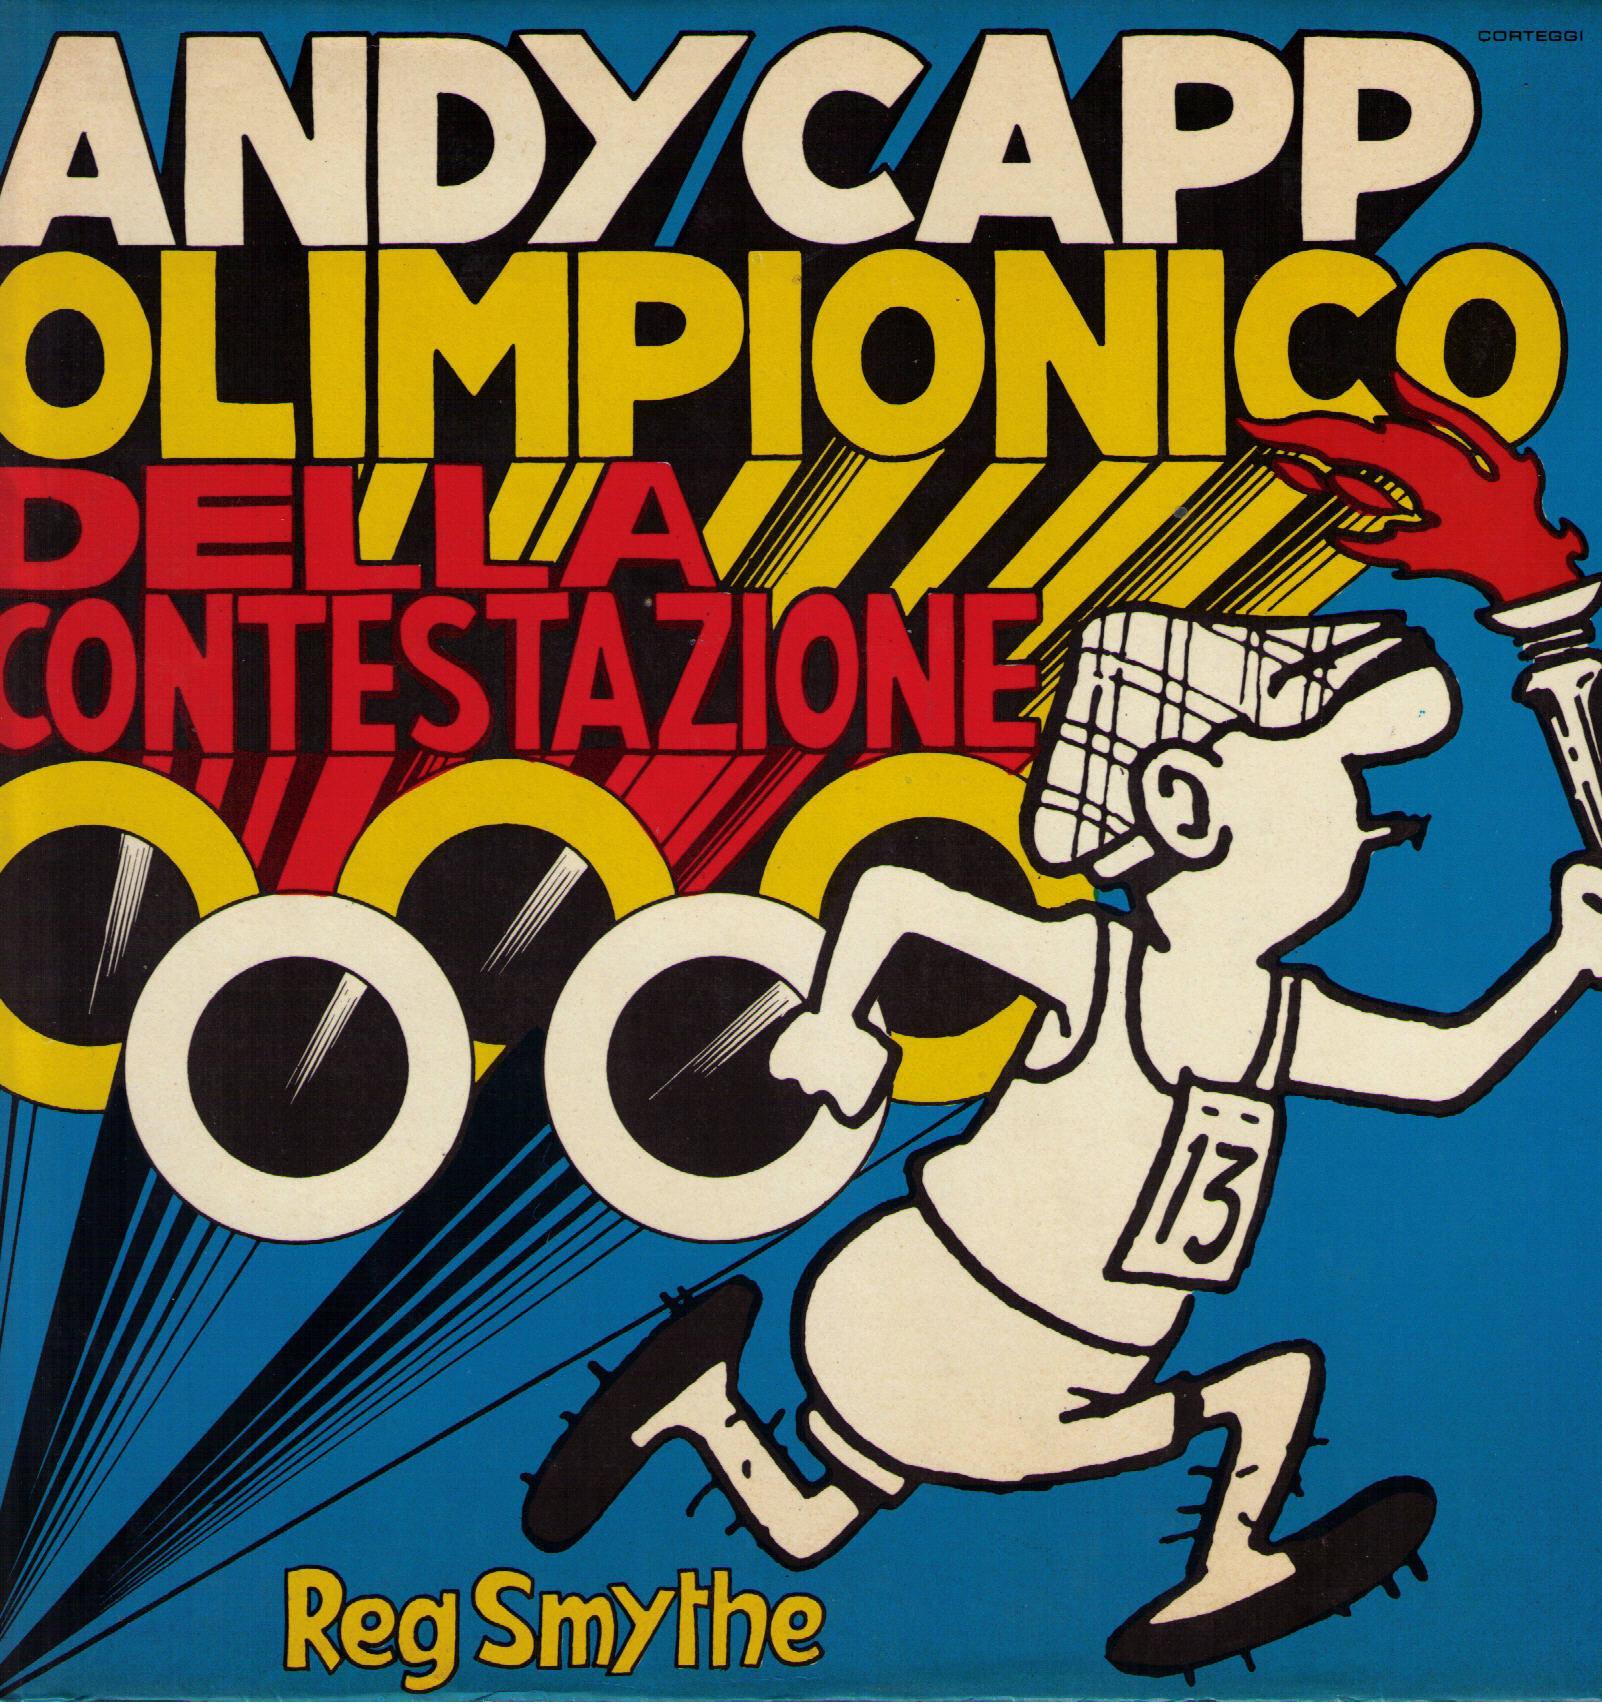 Andy Capp: Olimpioni...